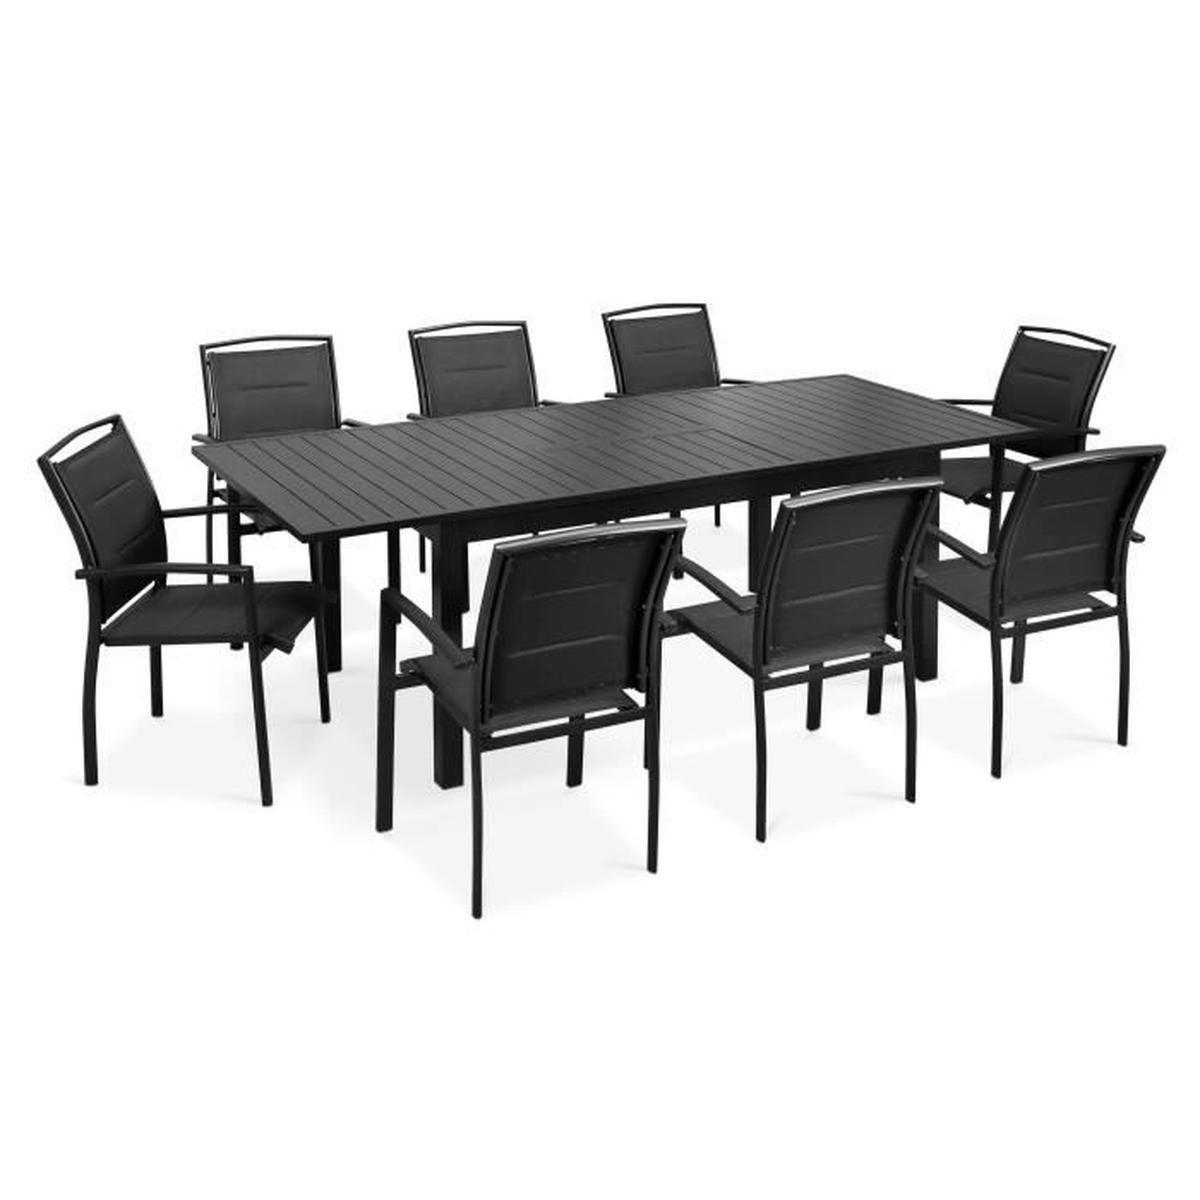 Ensemble Table Et Chaise De Jardin Pas Cher Ensemble Table Et Chaise De Jardin Avec Ralonge D En 2020 Table Salon De Jardin Table De Jardin Table Et Chaises De Jardin